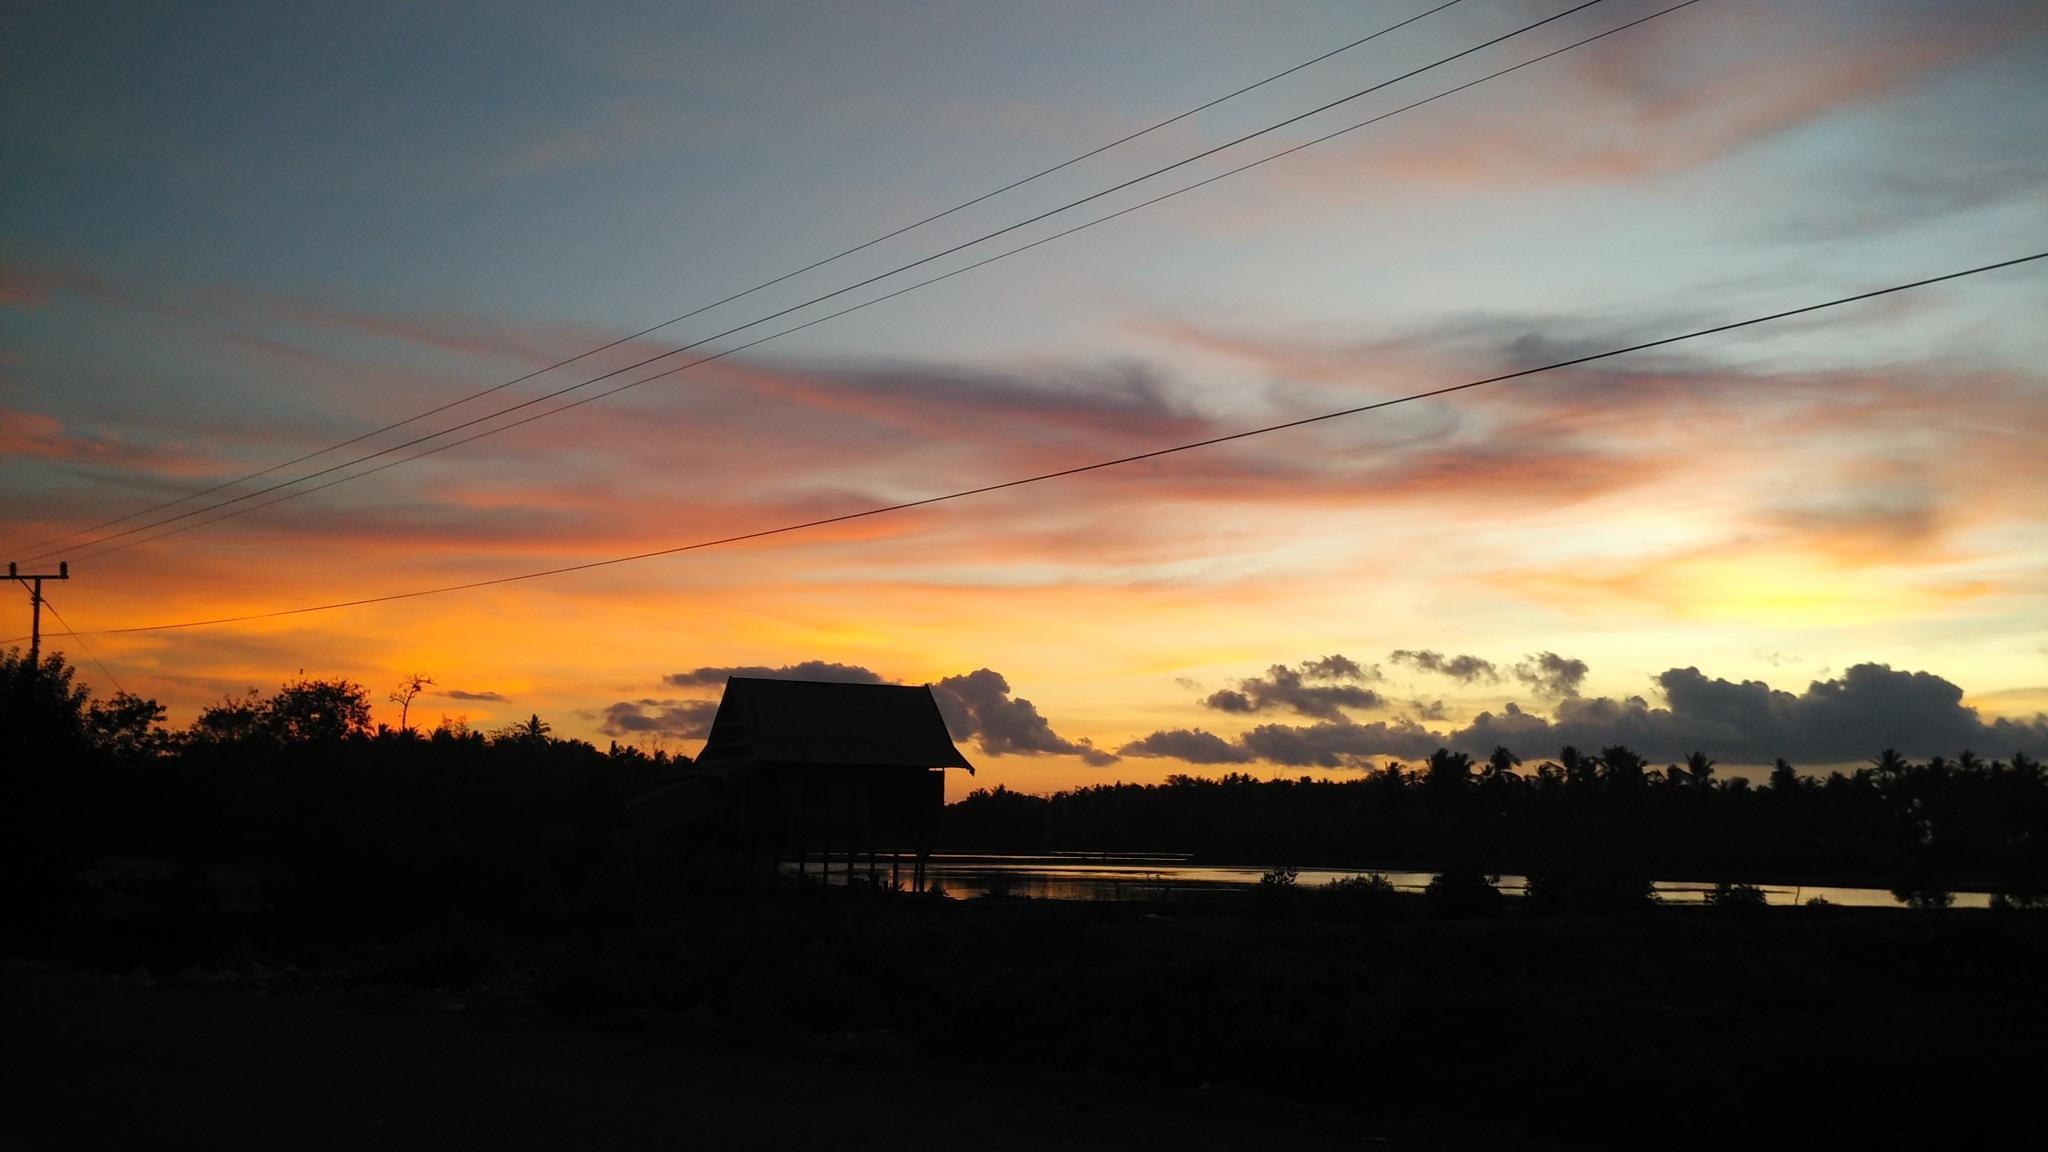 sunset by apriandi_zero